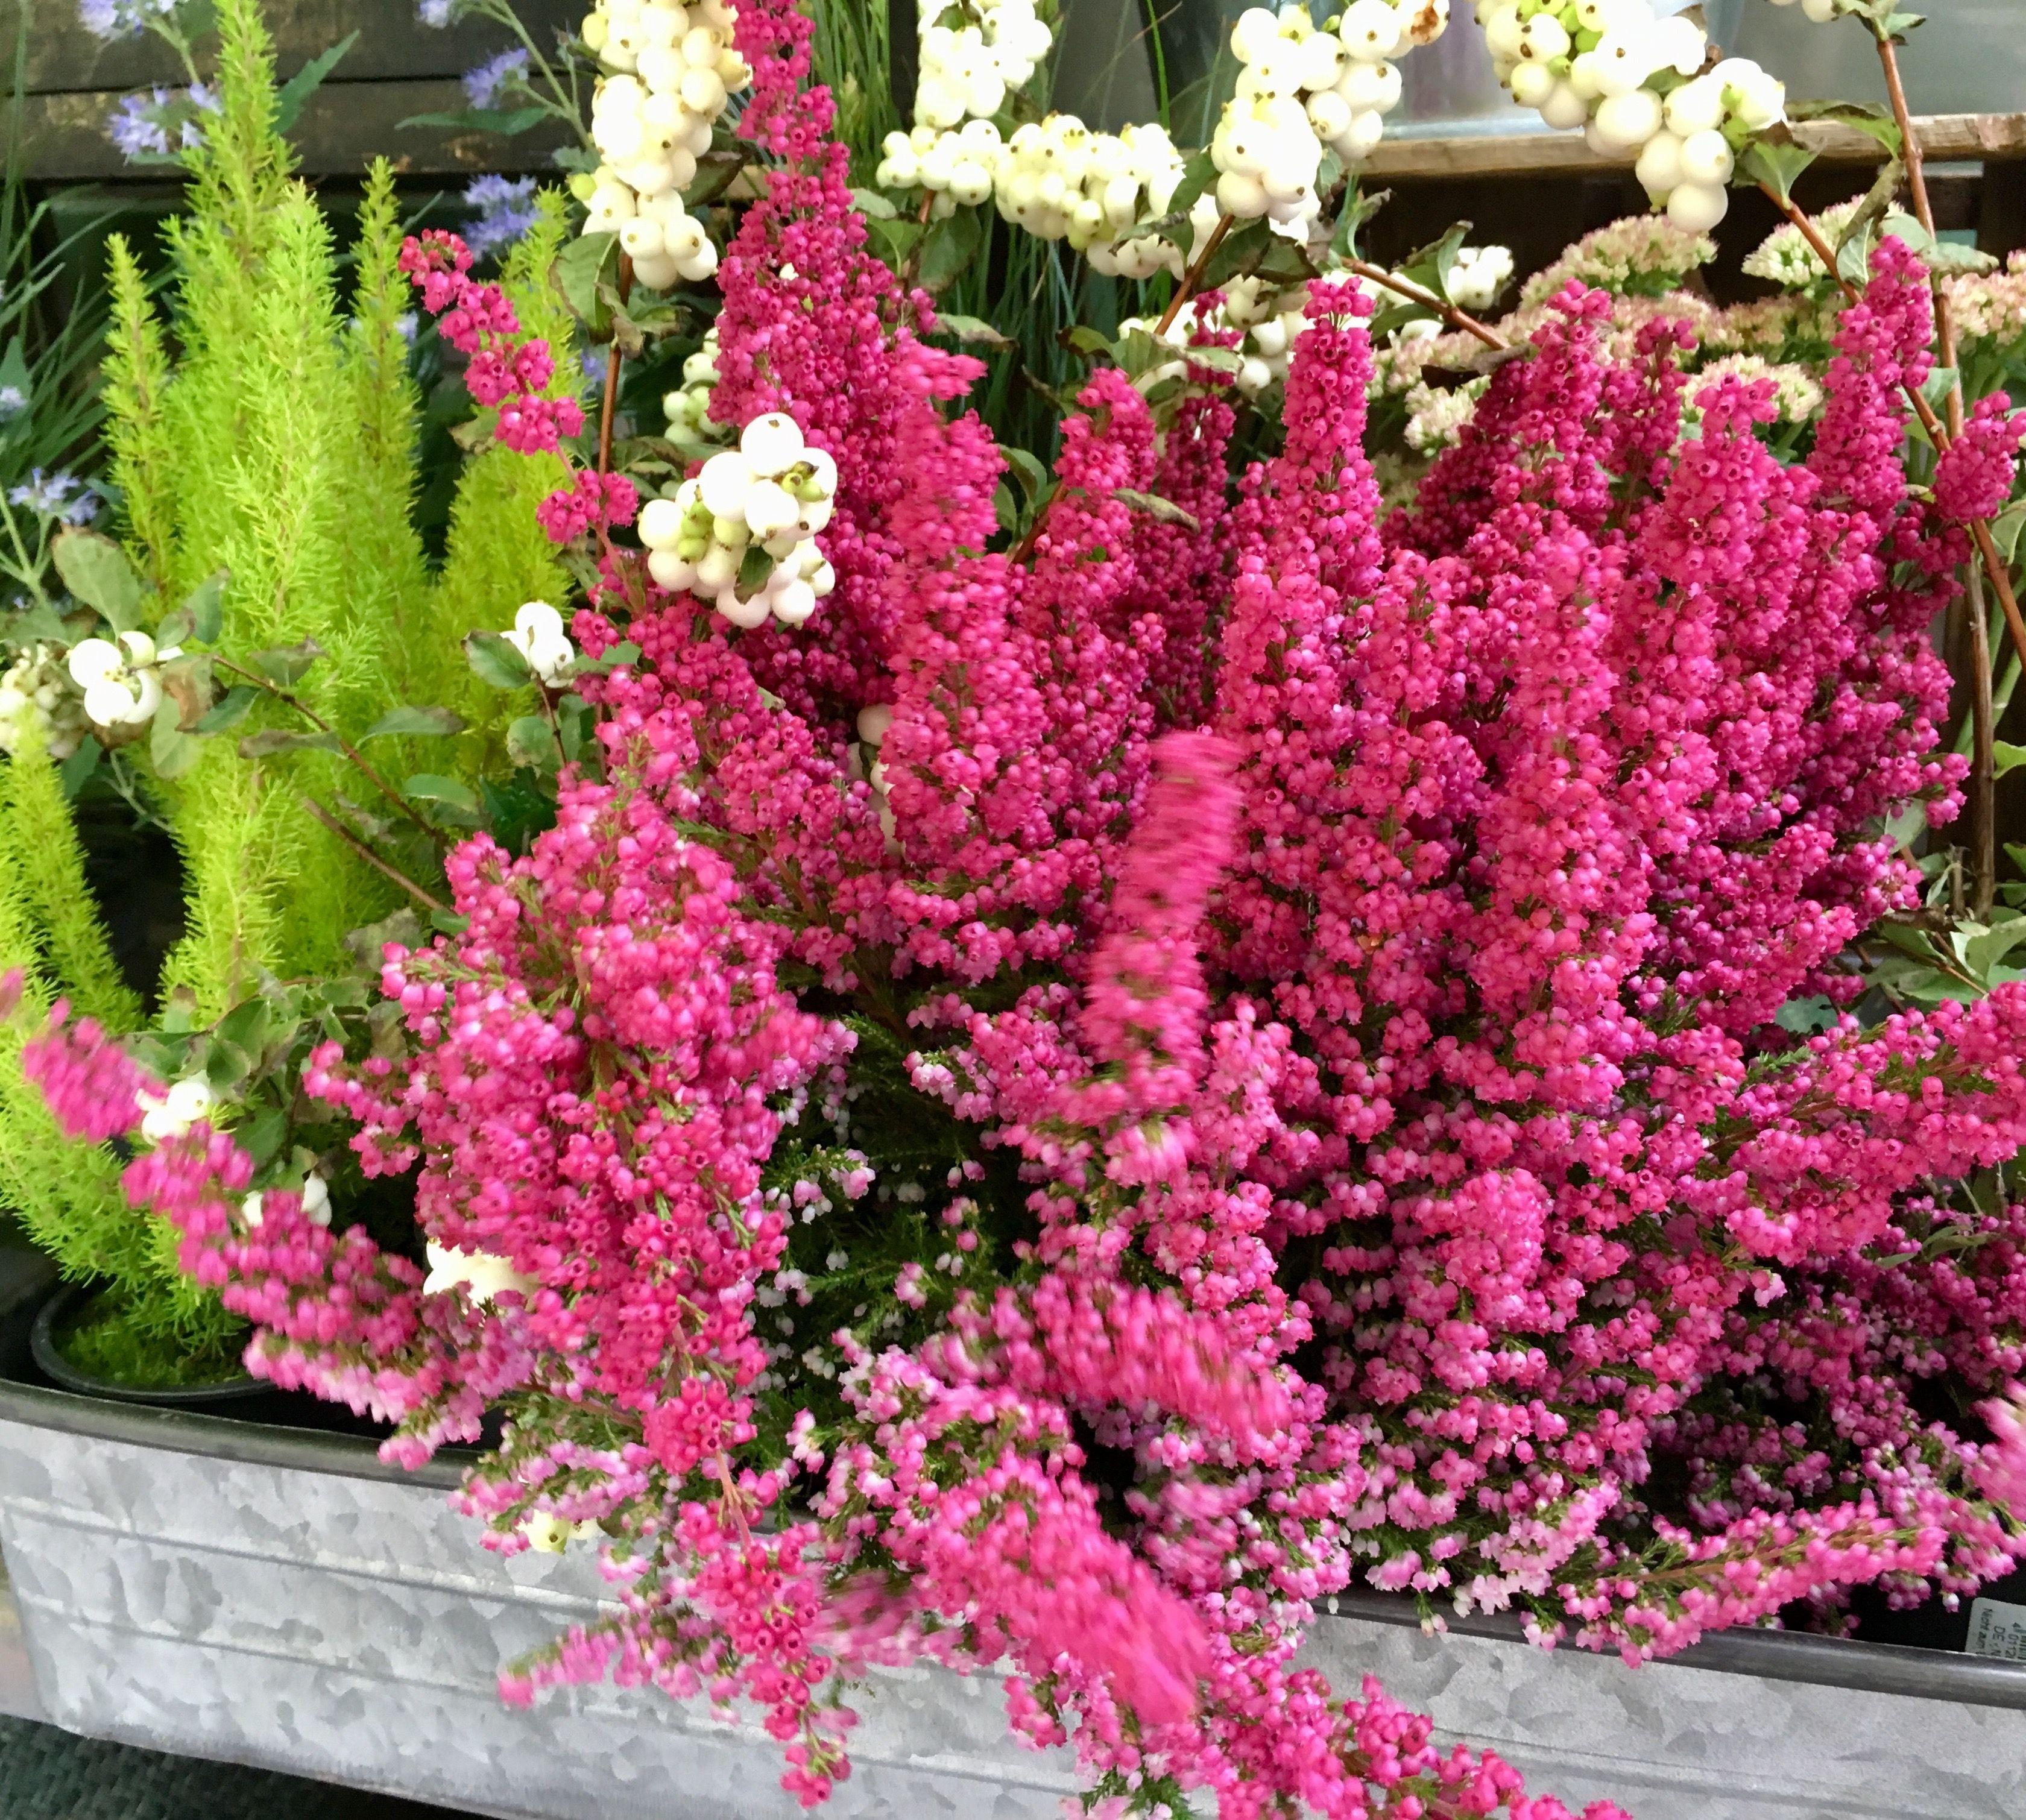 Landhausstil Garten Brunnen Gartendeko Gartentische Im Shop Kaufen Bepflanzung Pflanzen Herbstbepflanzung